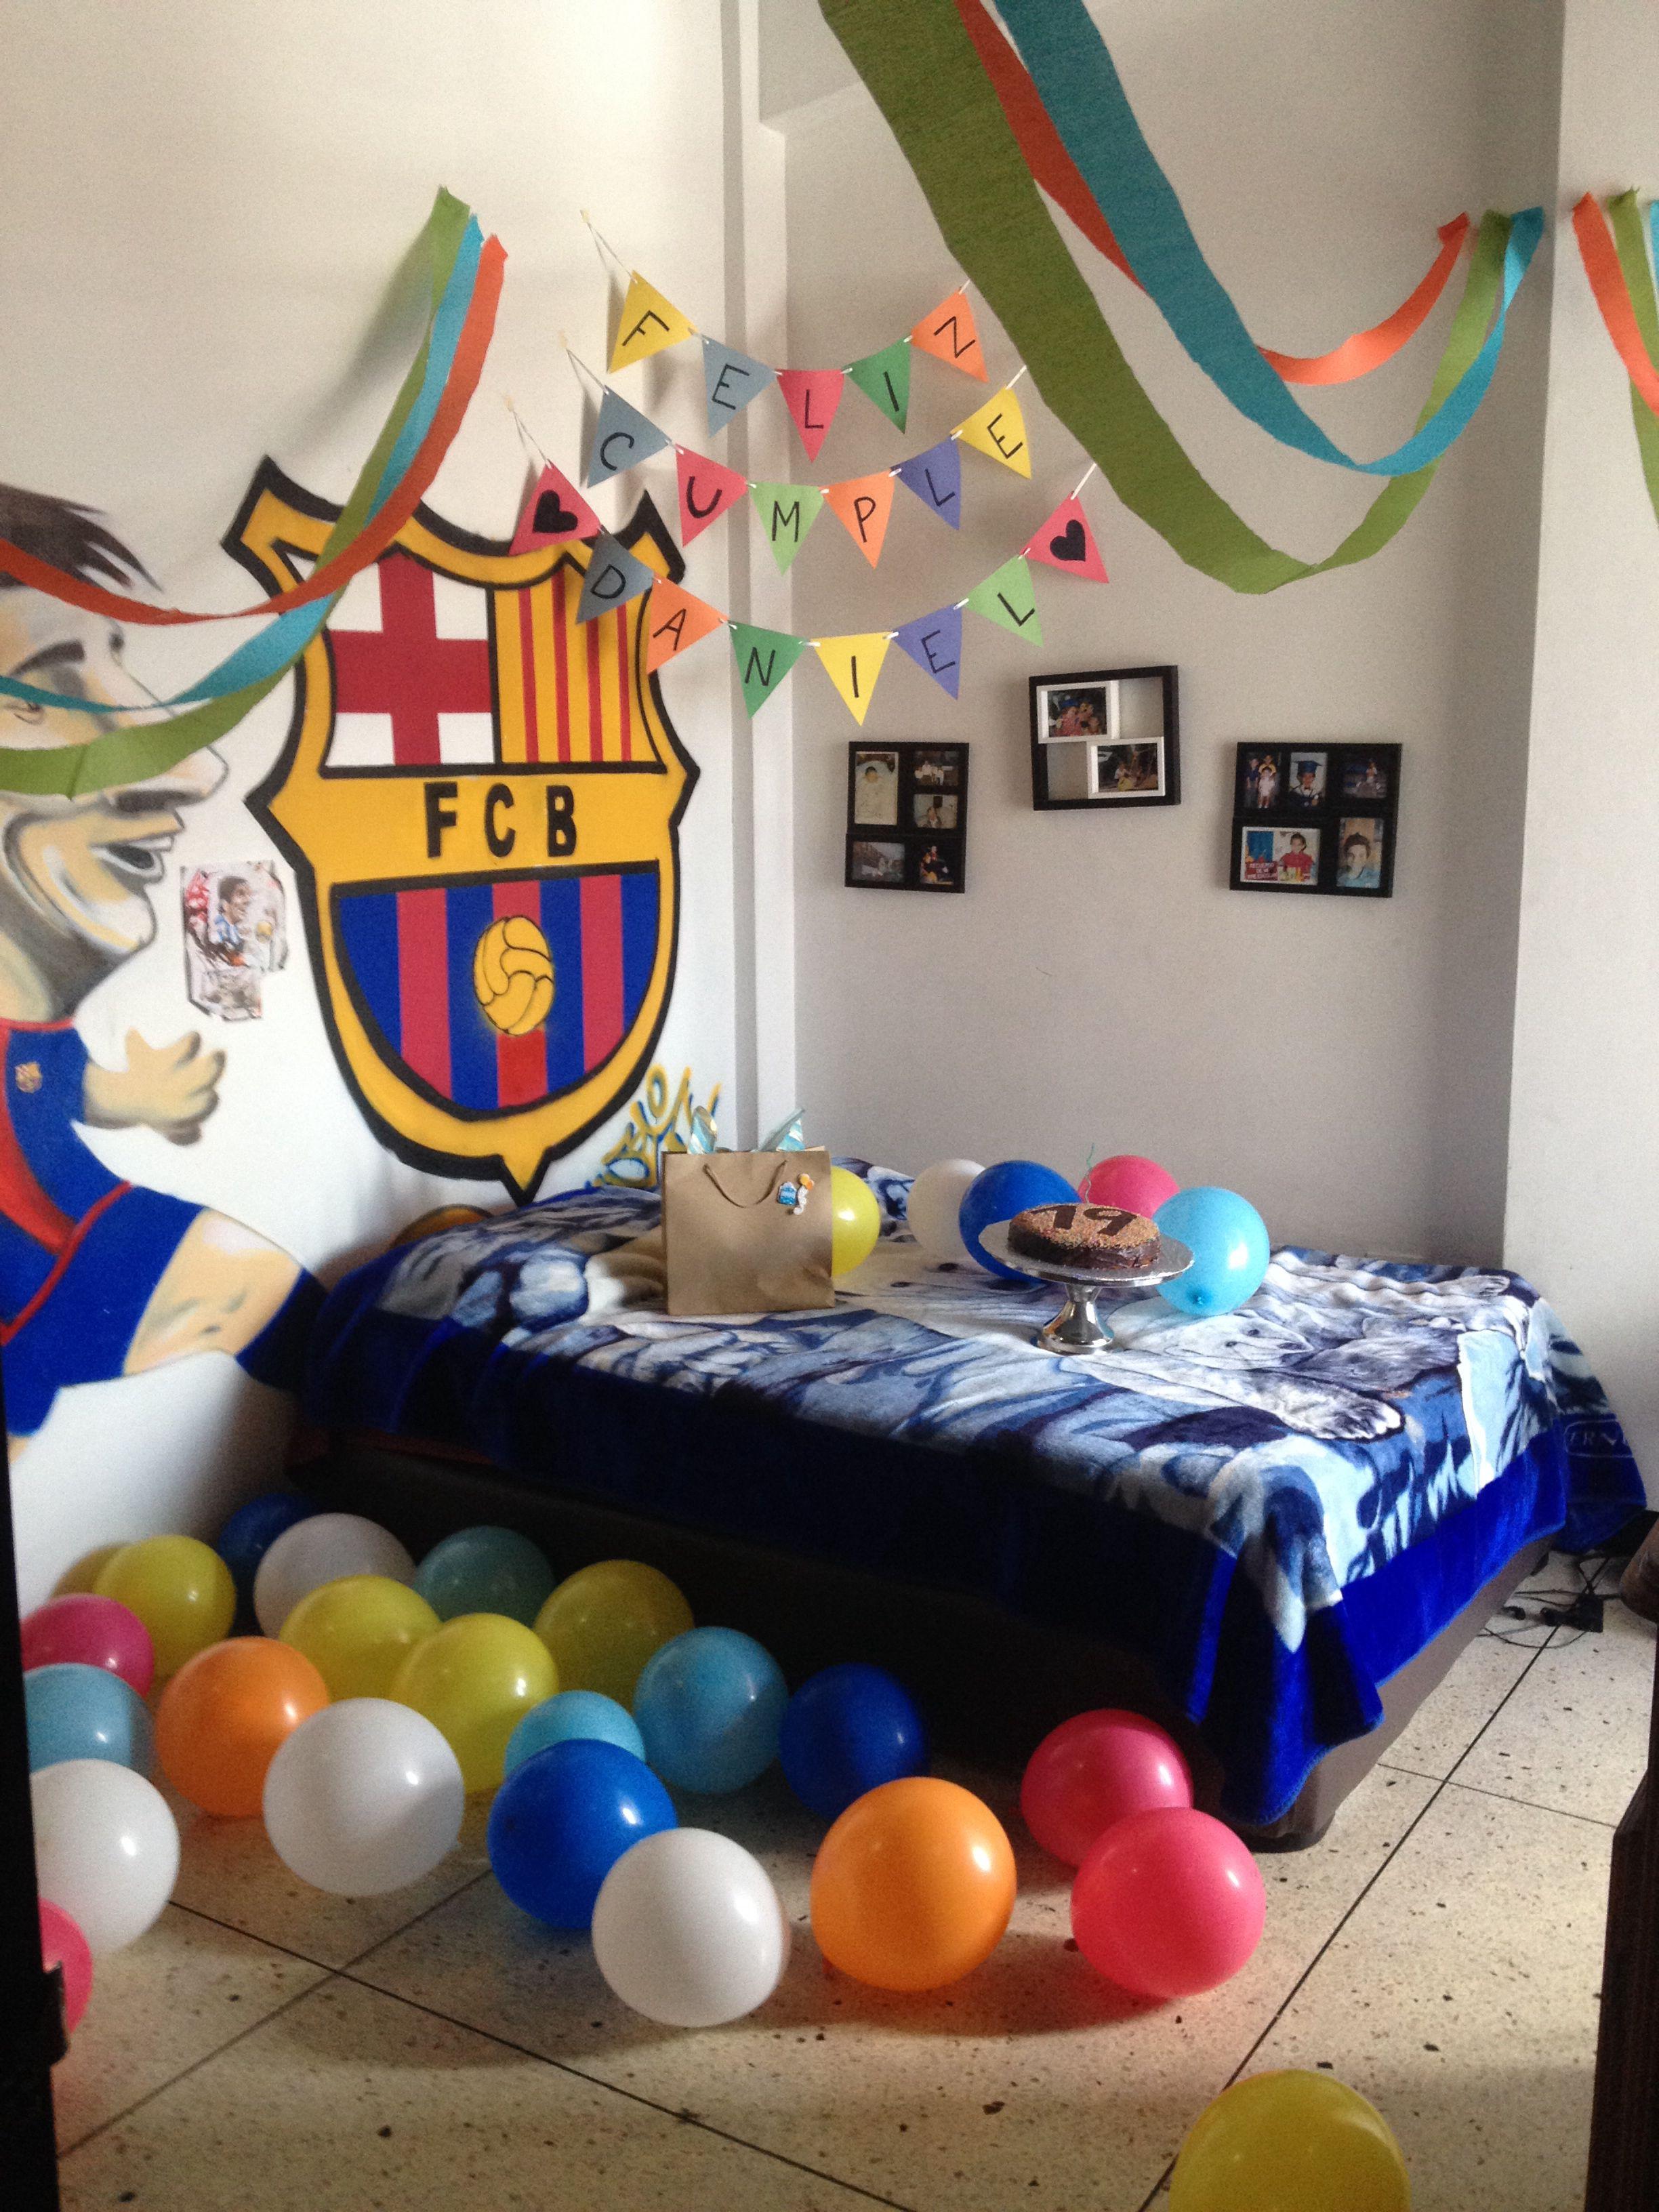 Sorpresa de cumplea os para algun novio futbolista sorpresa pinterest sorpresas de - Regalos originales decoracion ...